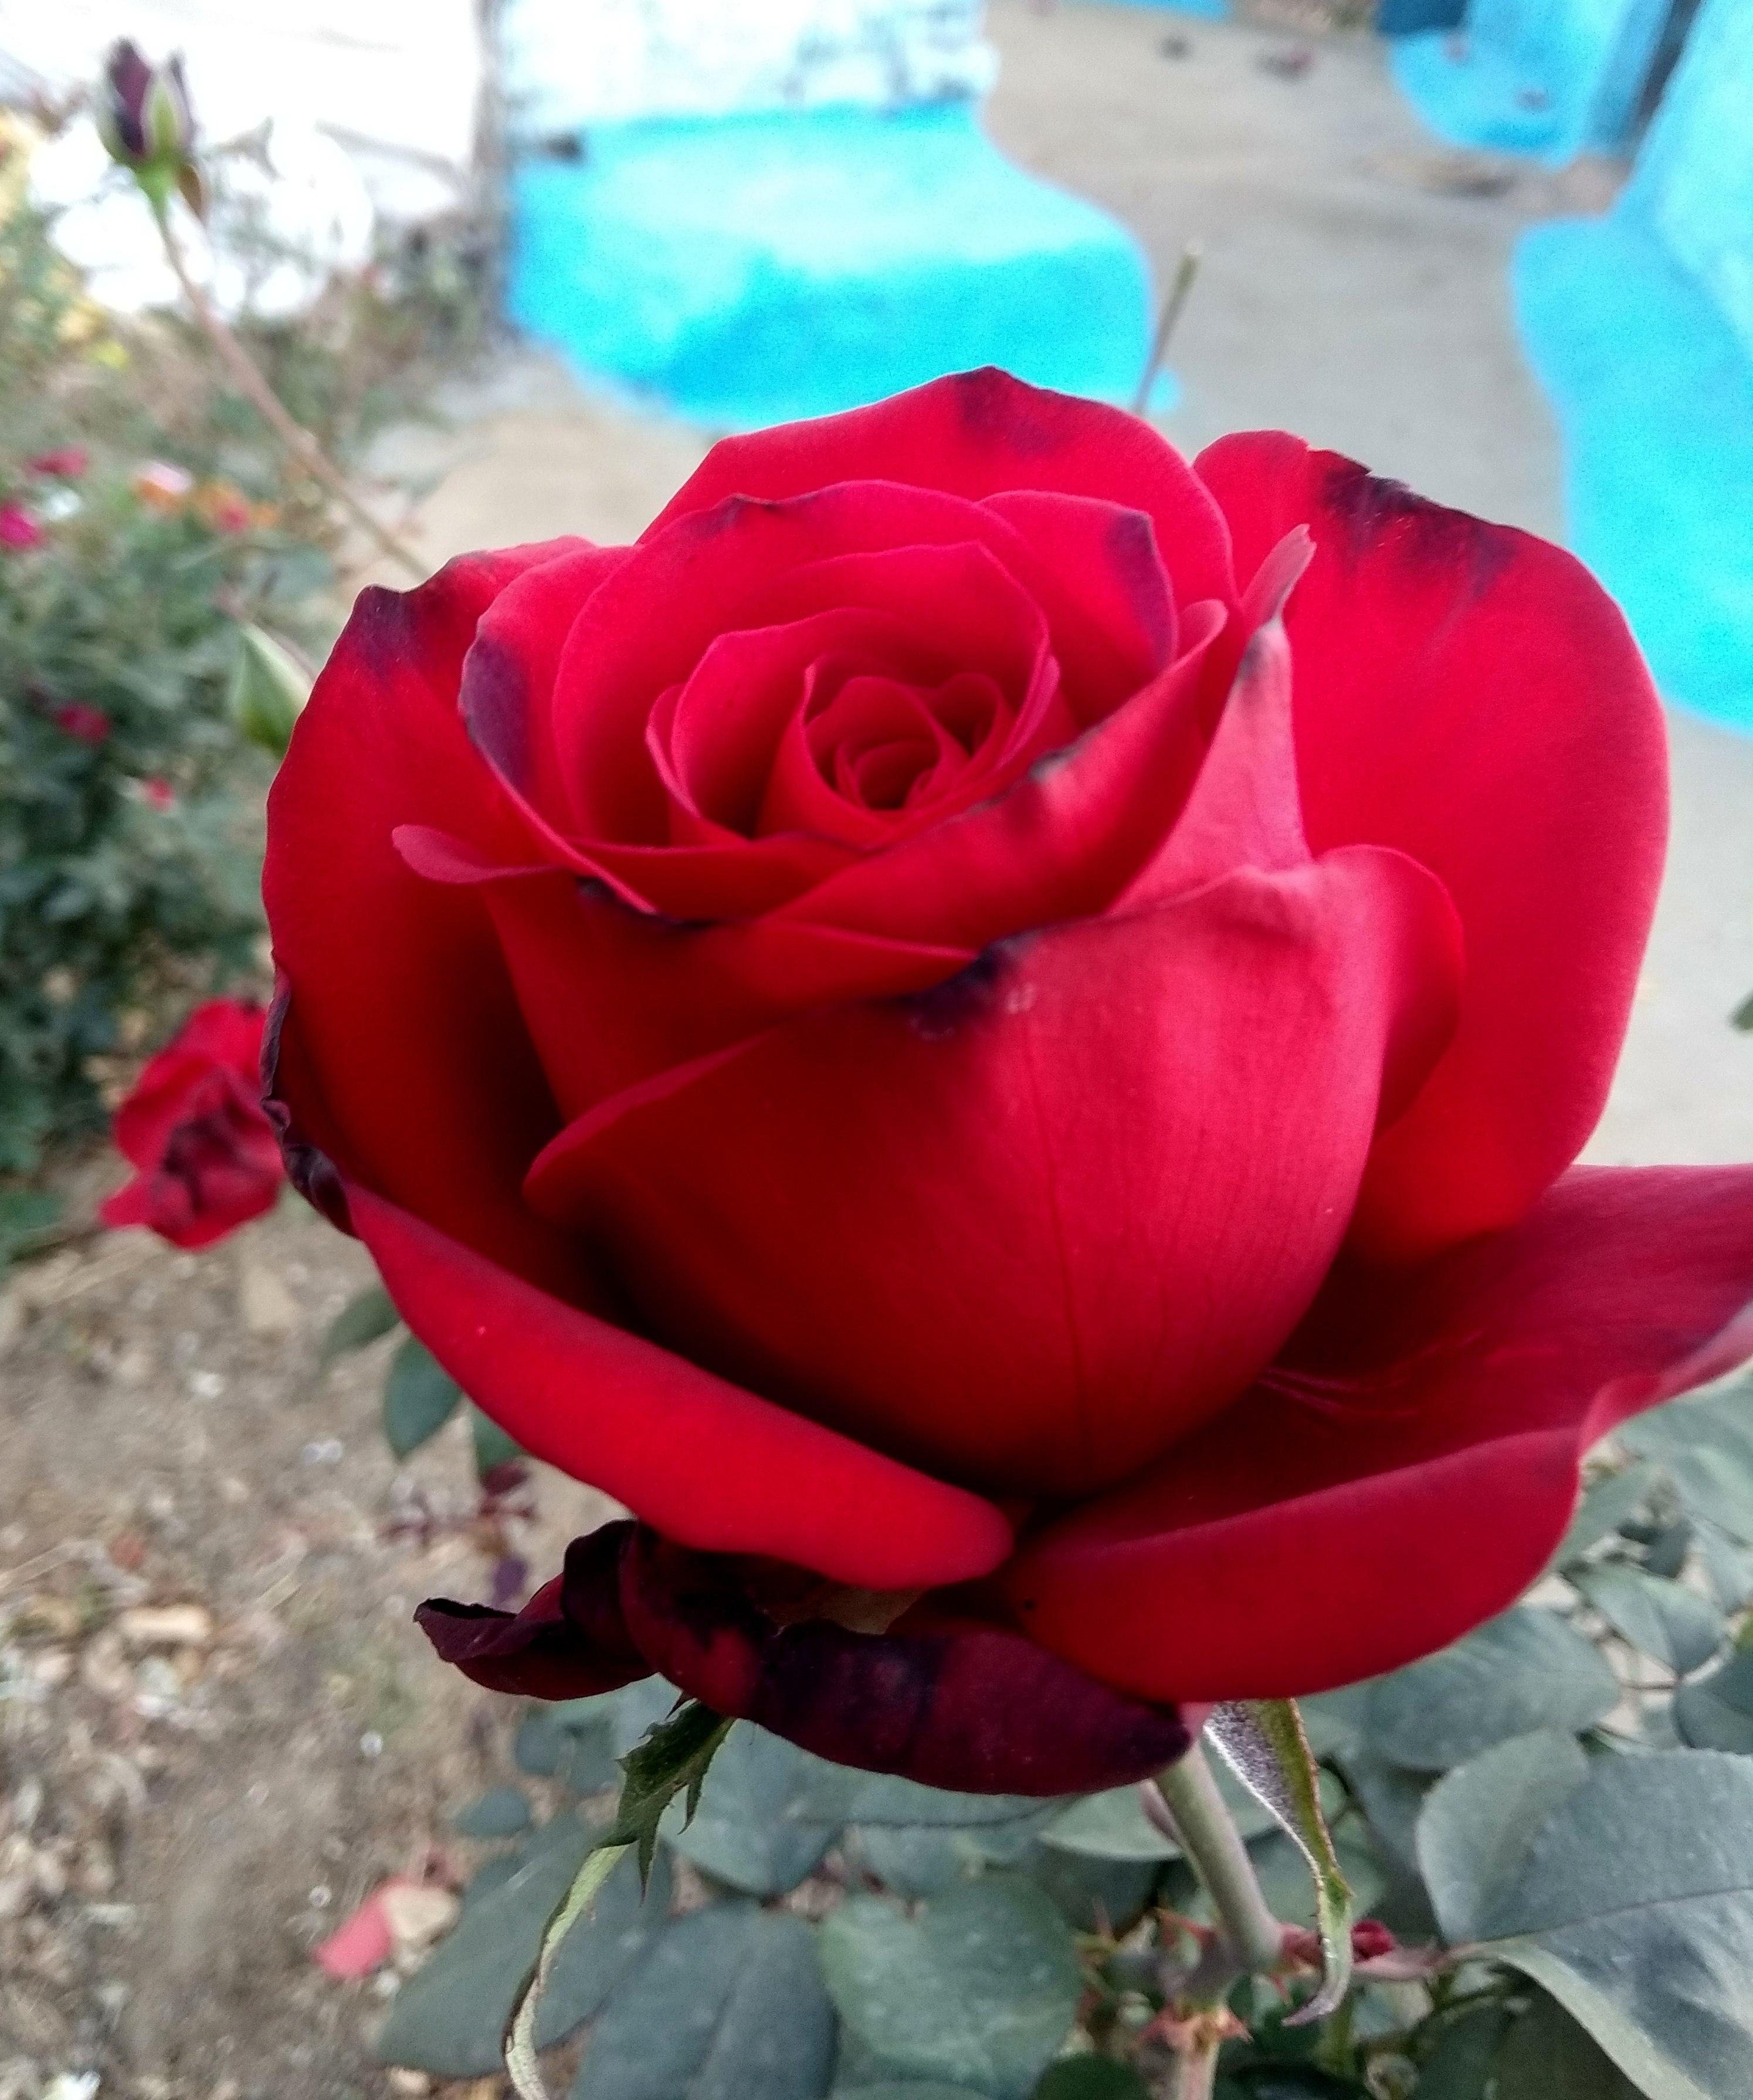 love rose hd wallpaper new red rose image hd love rose wallpaper